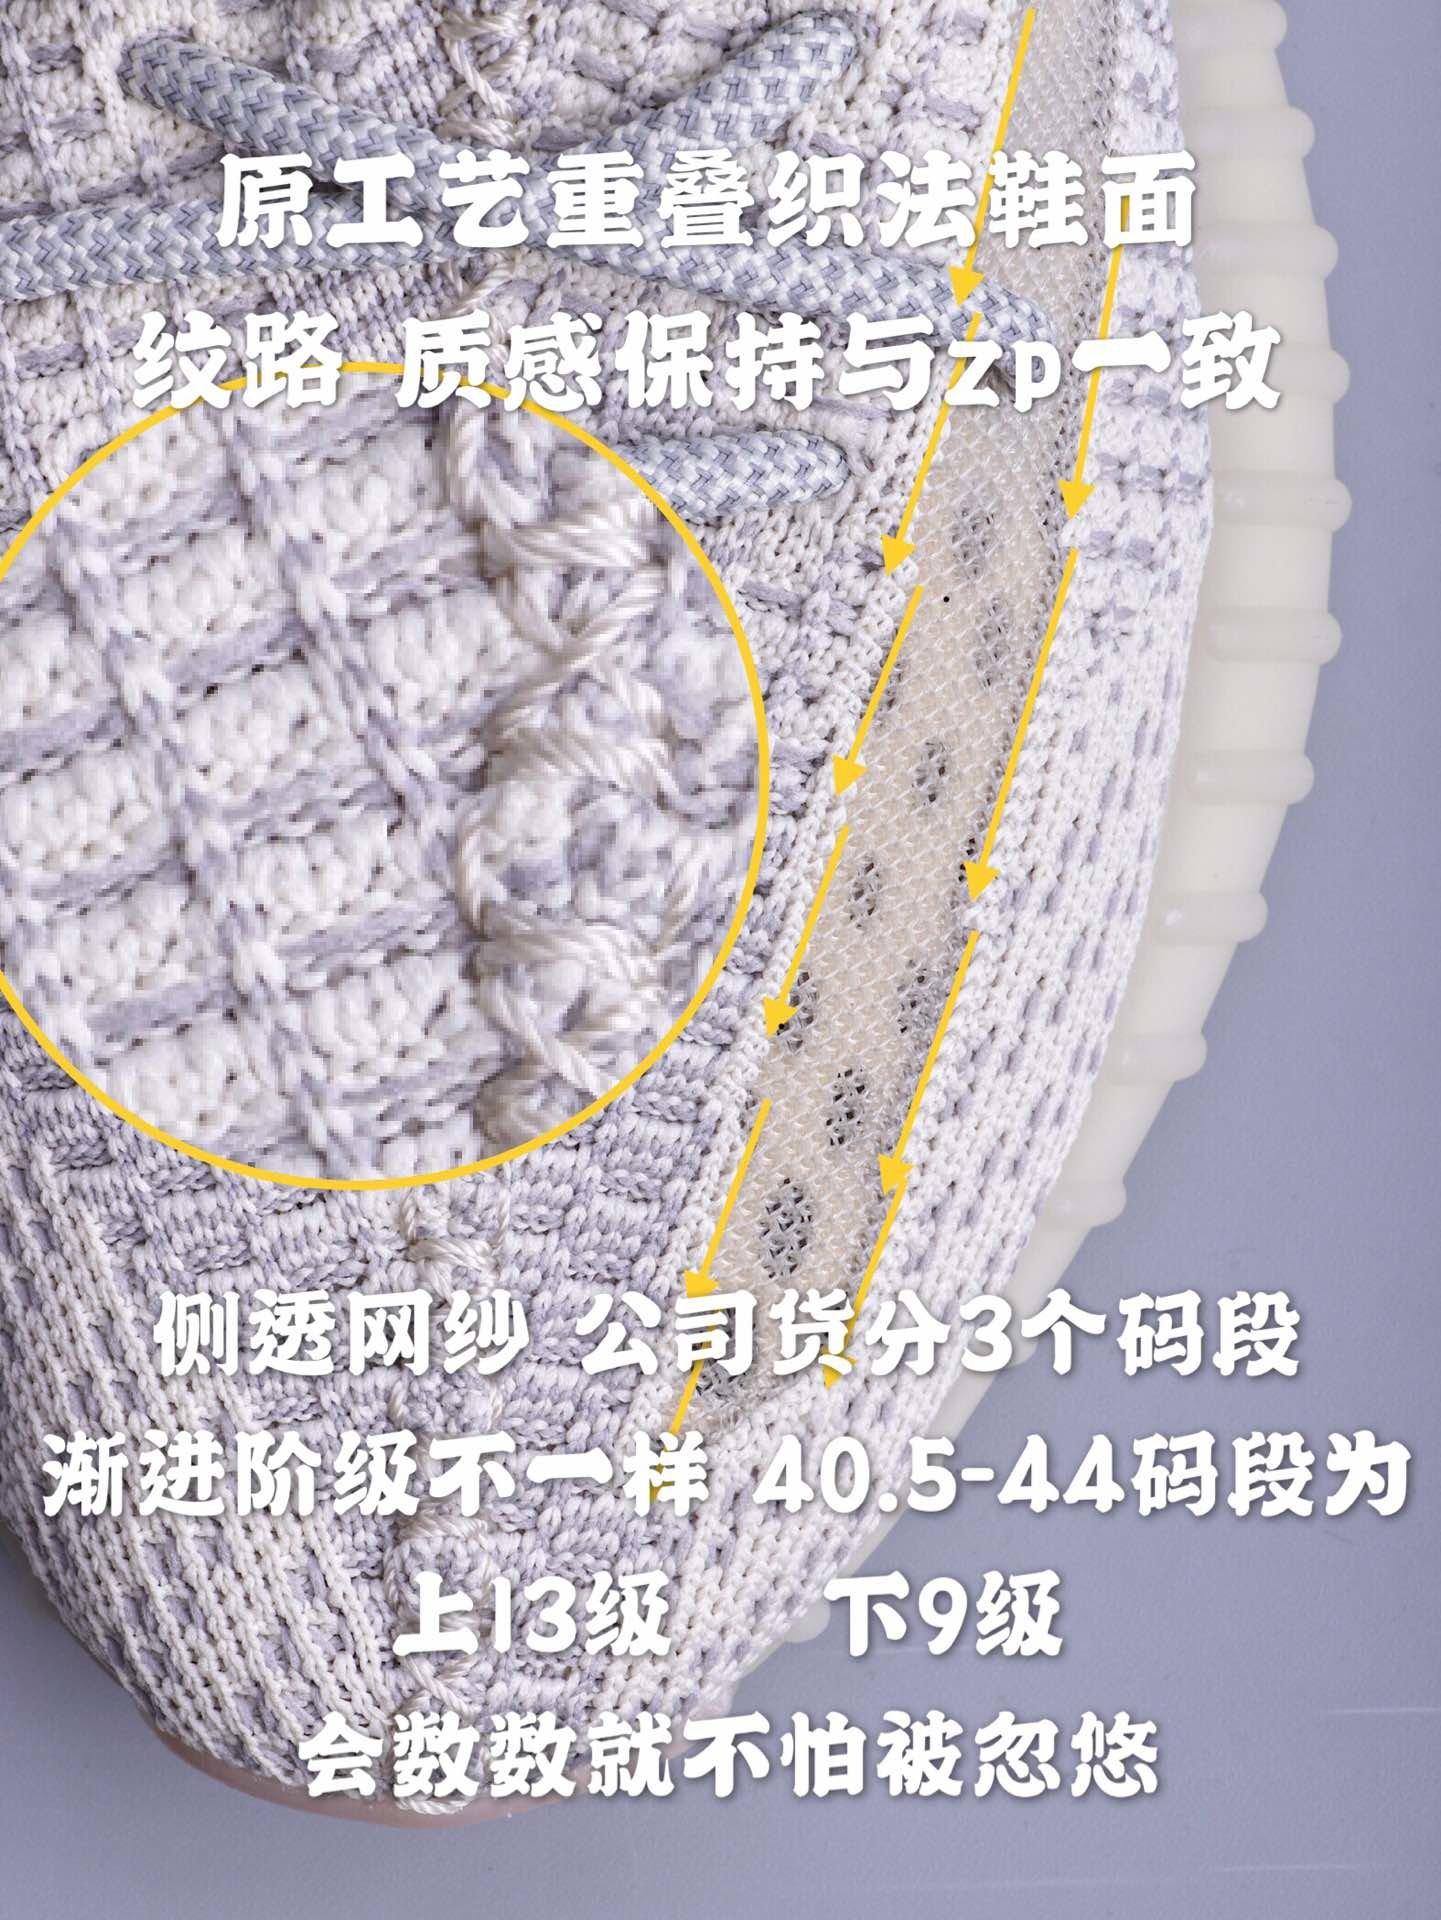 椰子GT版-YEEZY BOOST 350 V2 须白天使GT纯原细节图解